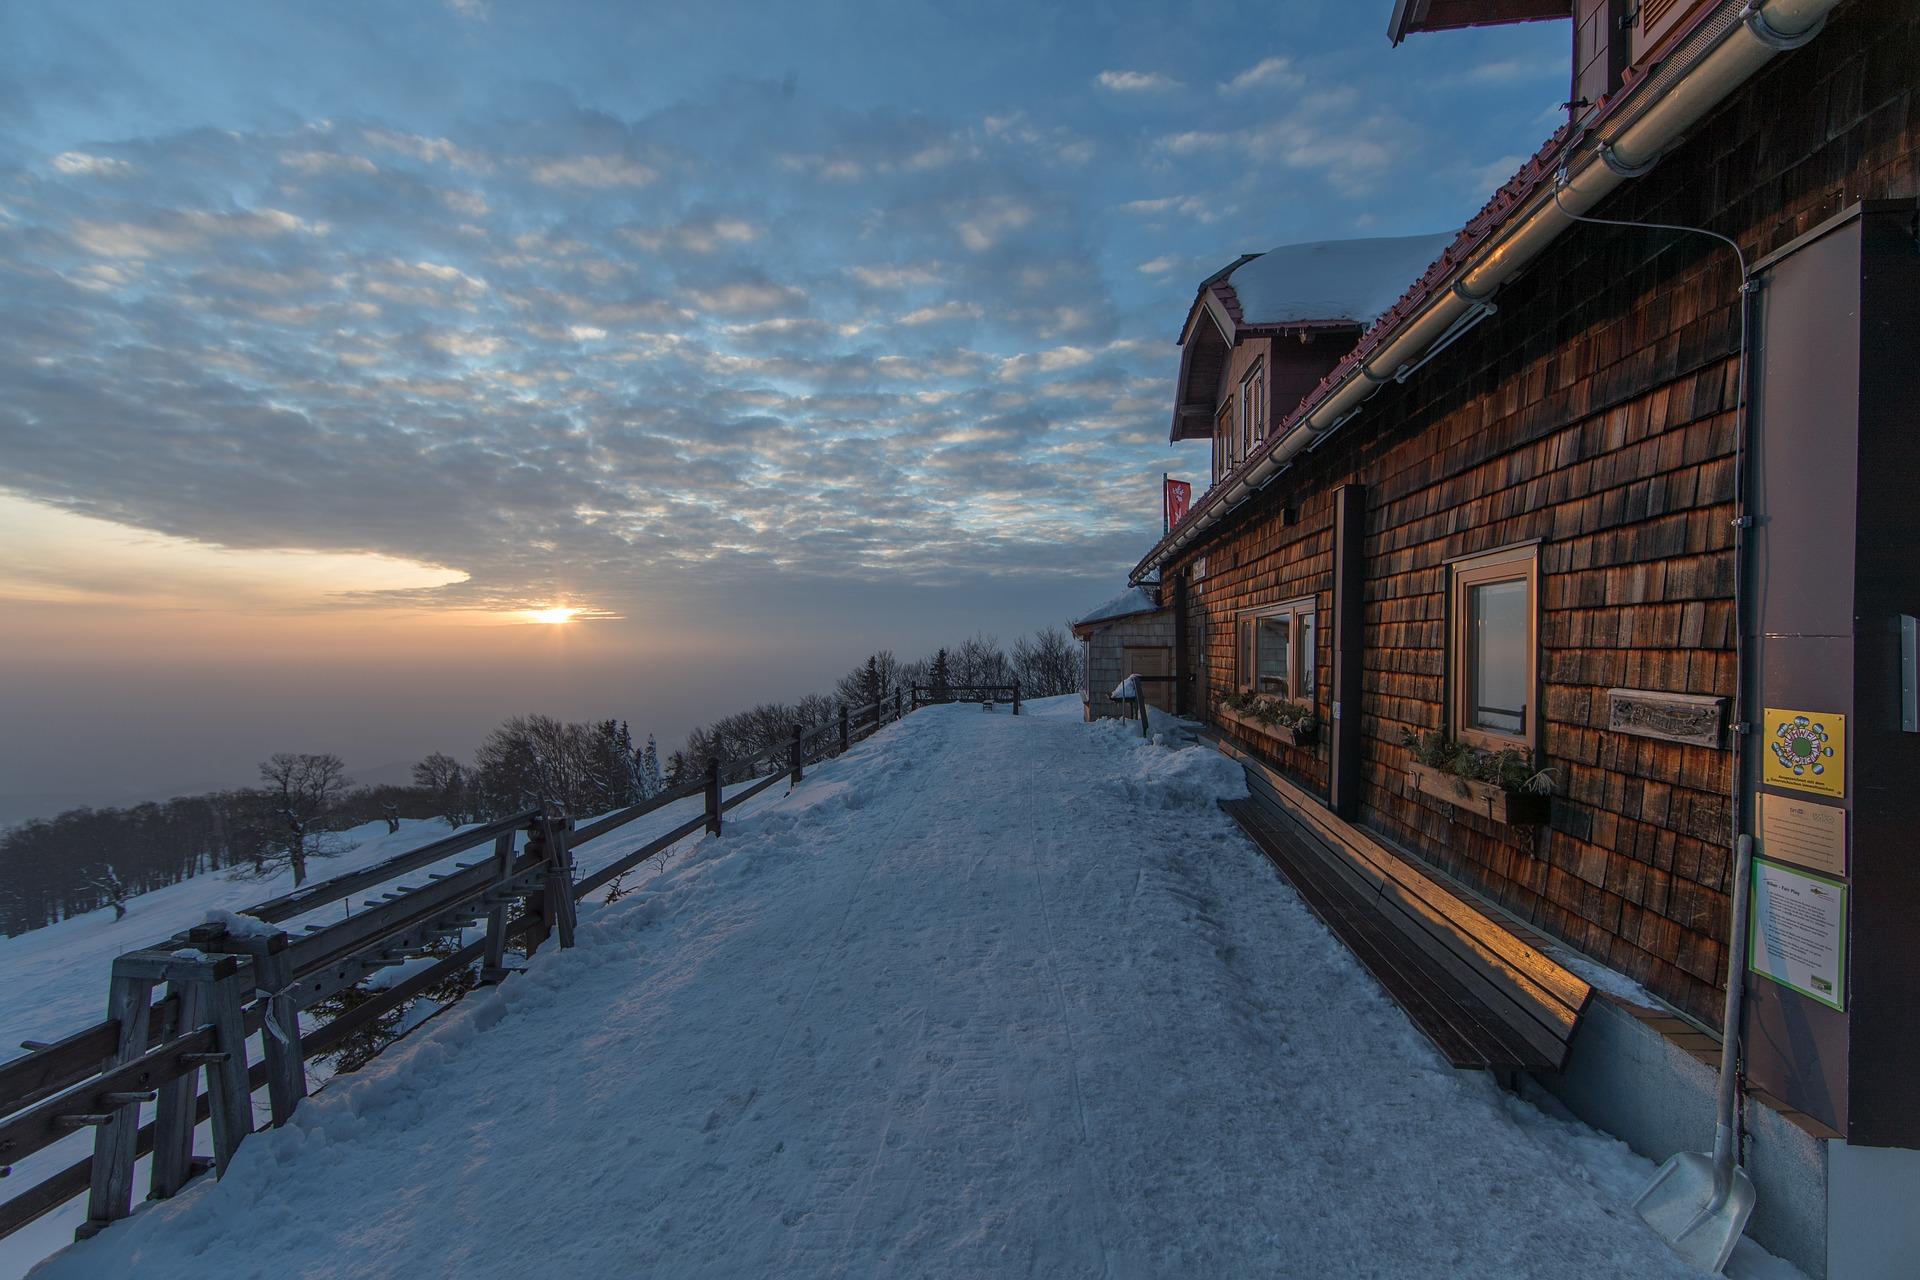 Winterzeit Krainerhütte: So setzen Sie die richtigen Impulse